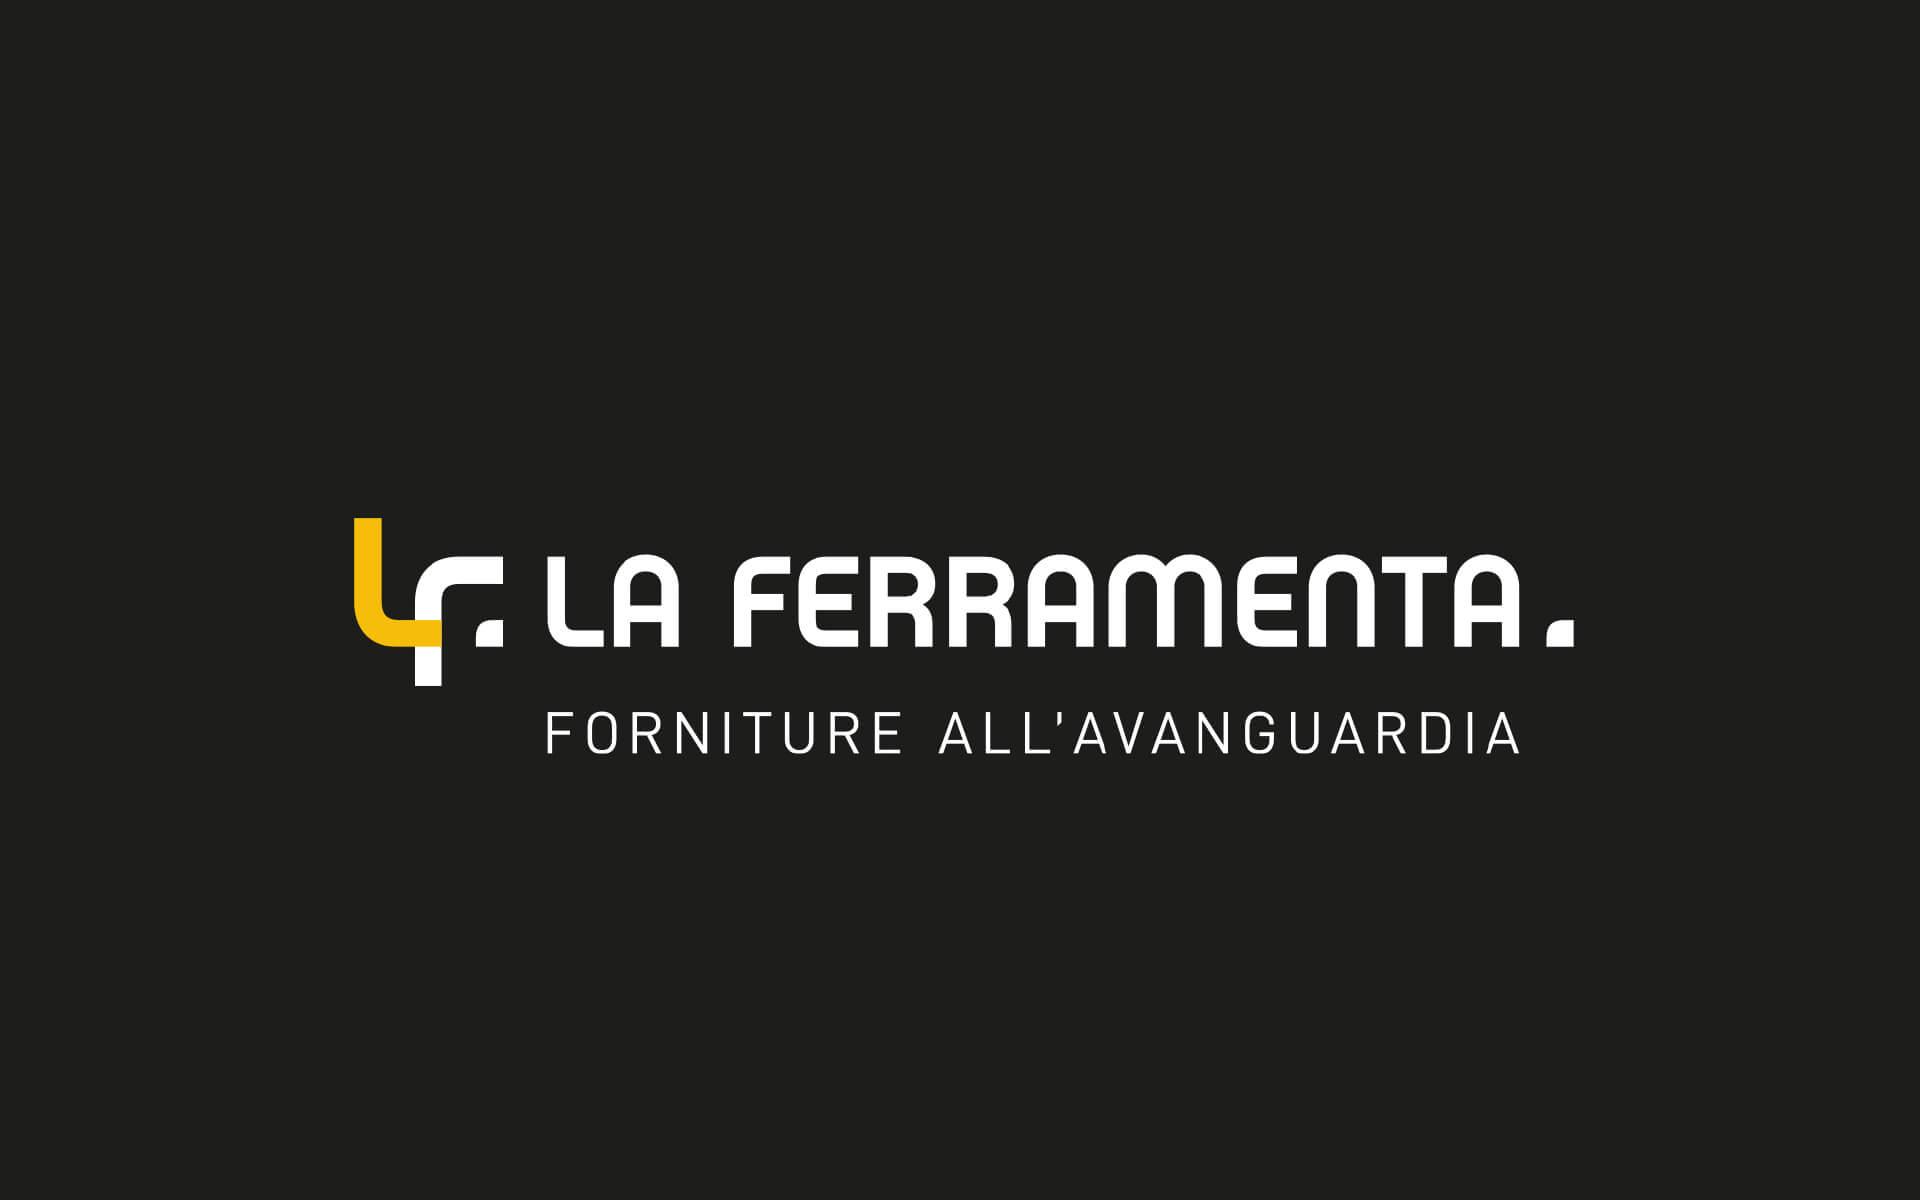 Logotipo La Ferramenta